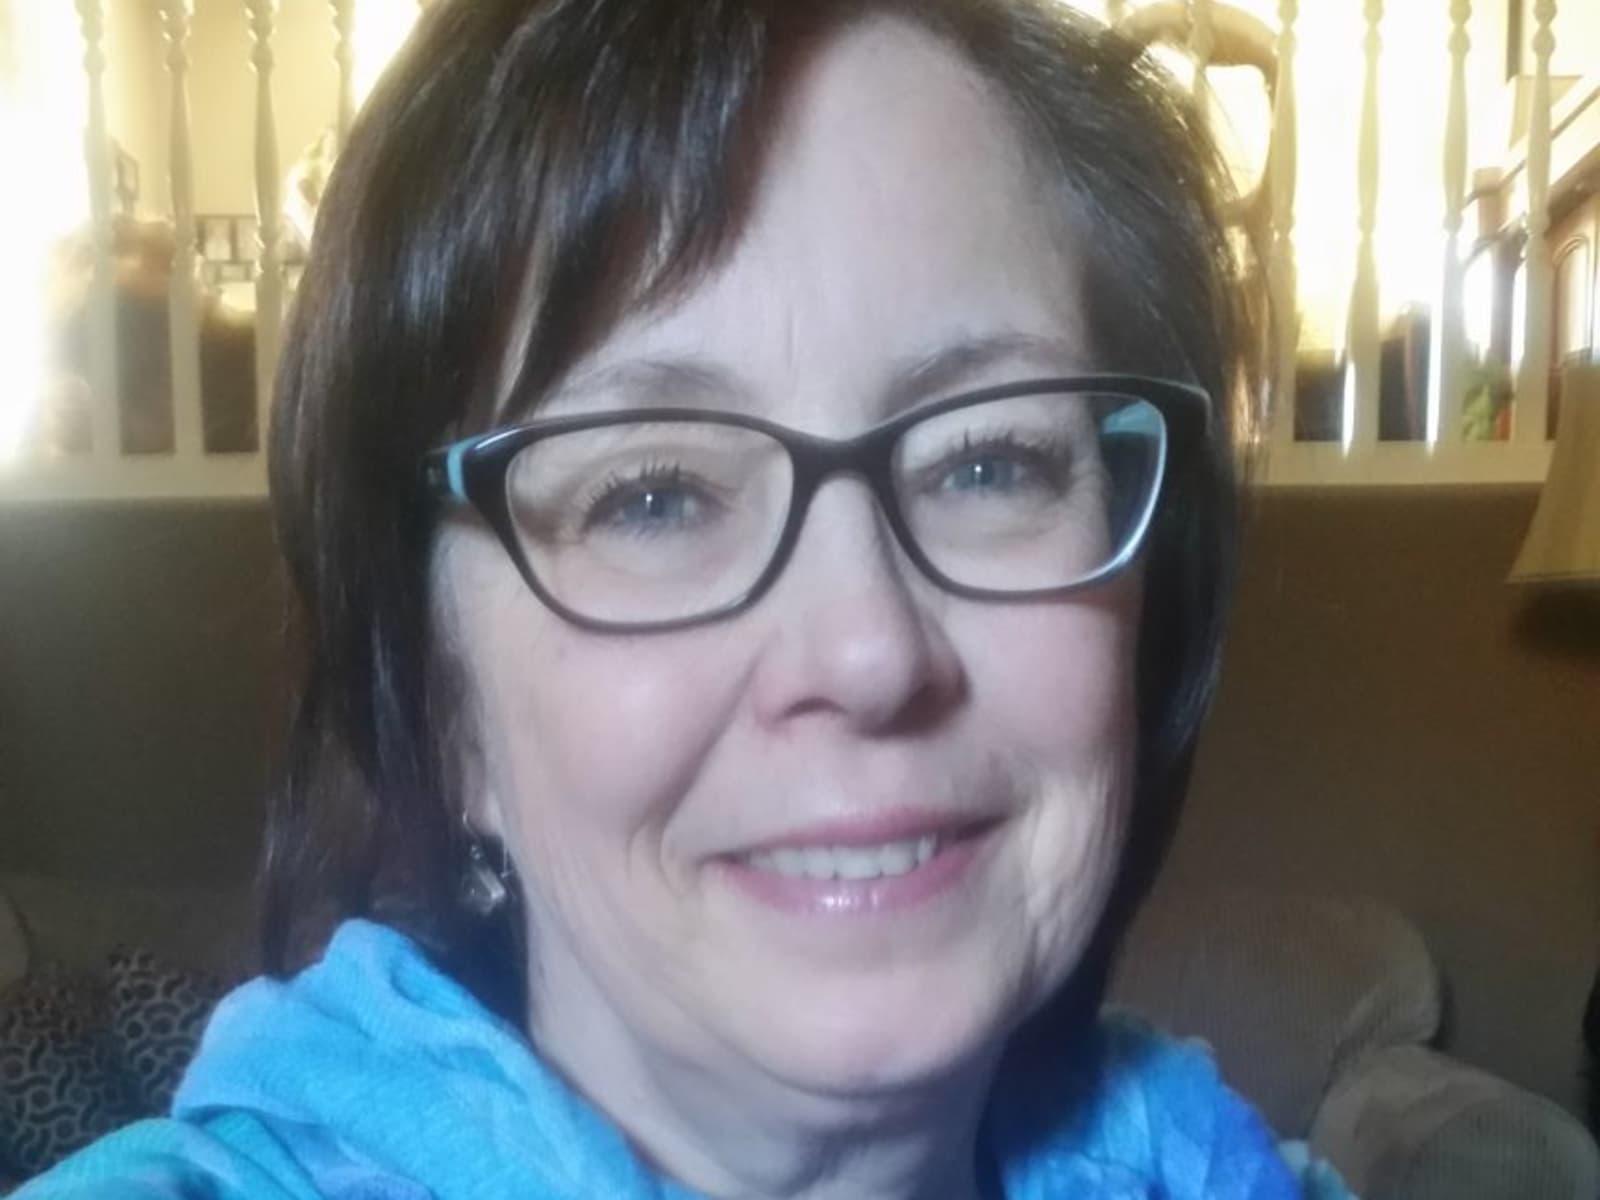 Lynne from Winnipeg, Manitoba, Canada